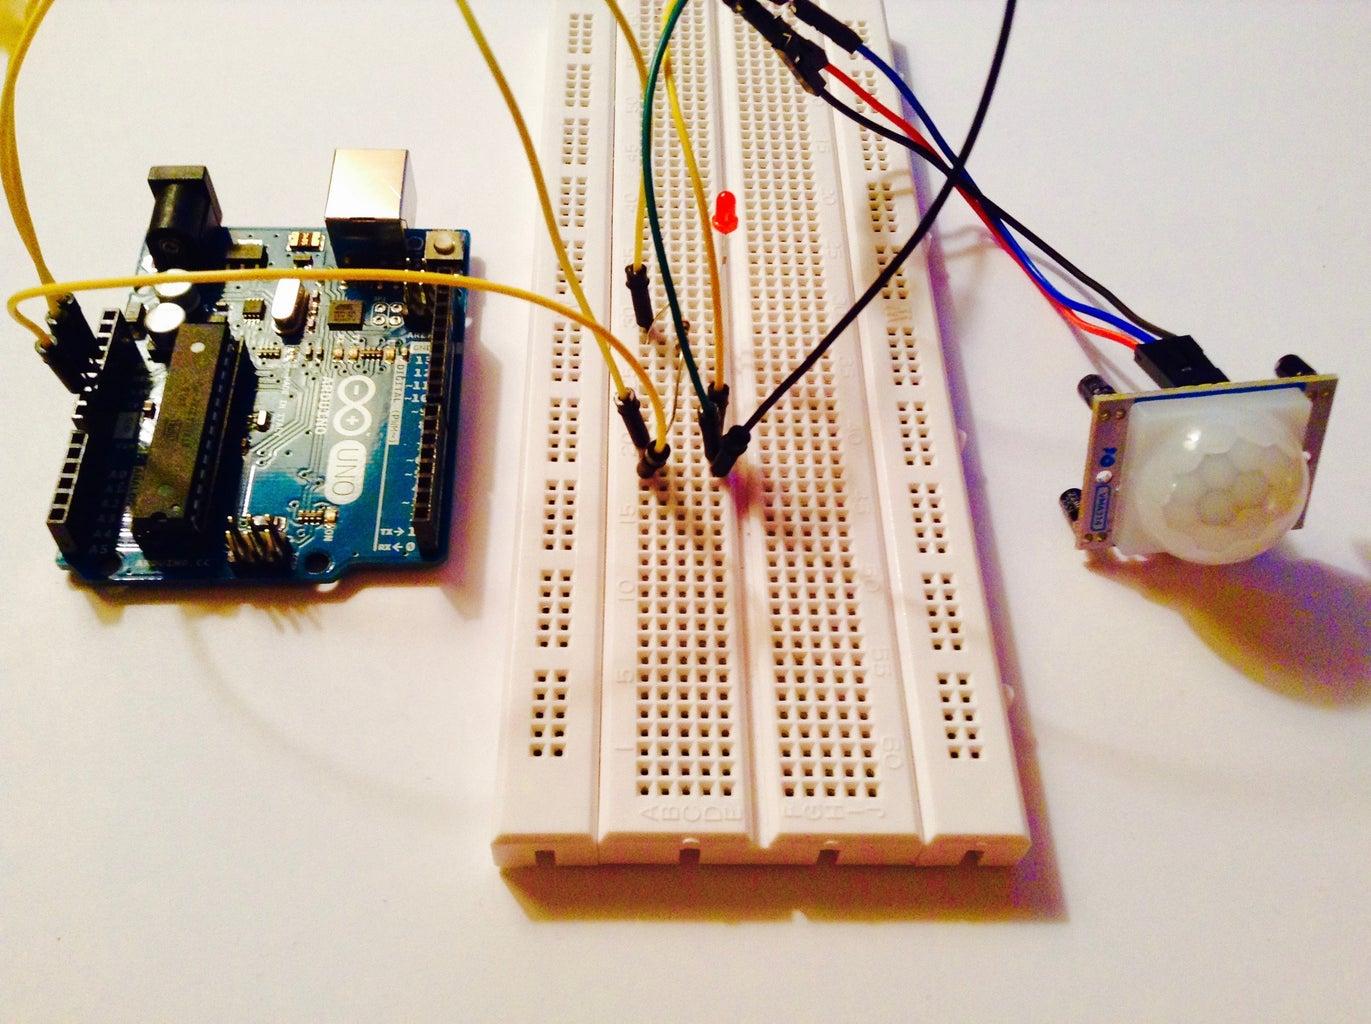 How to Test a PIR Sensor